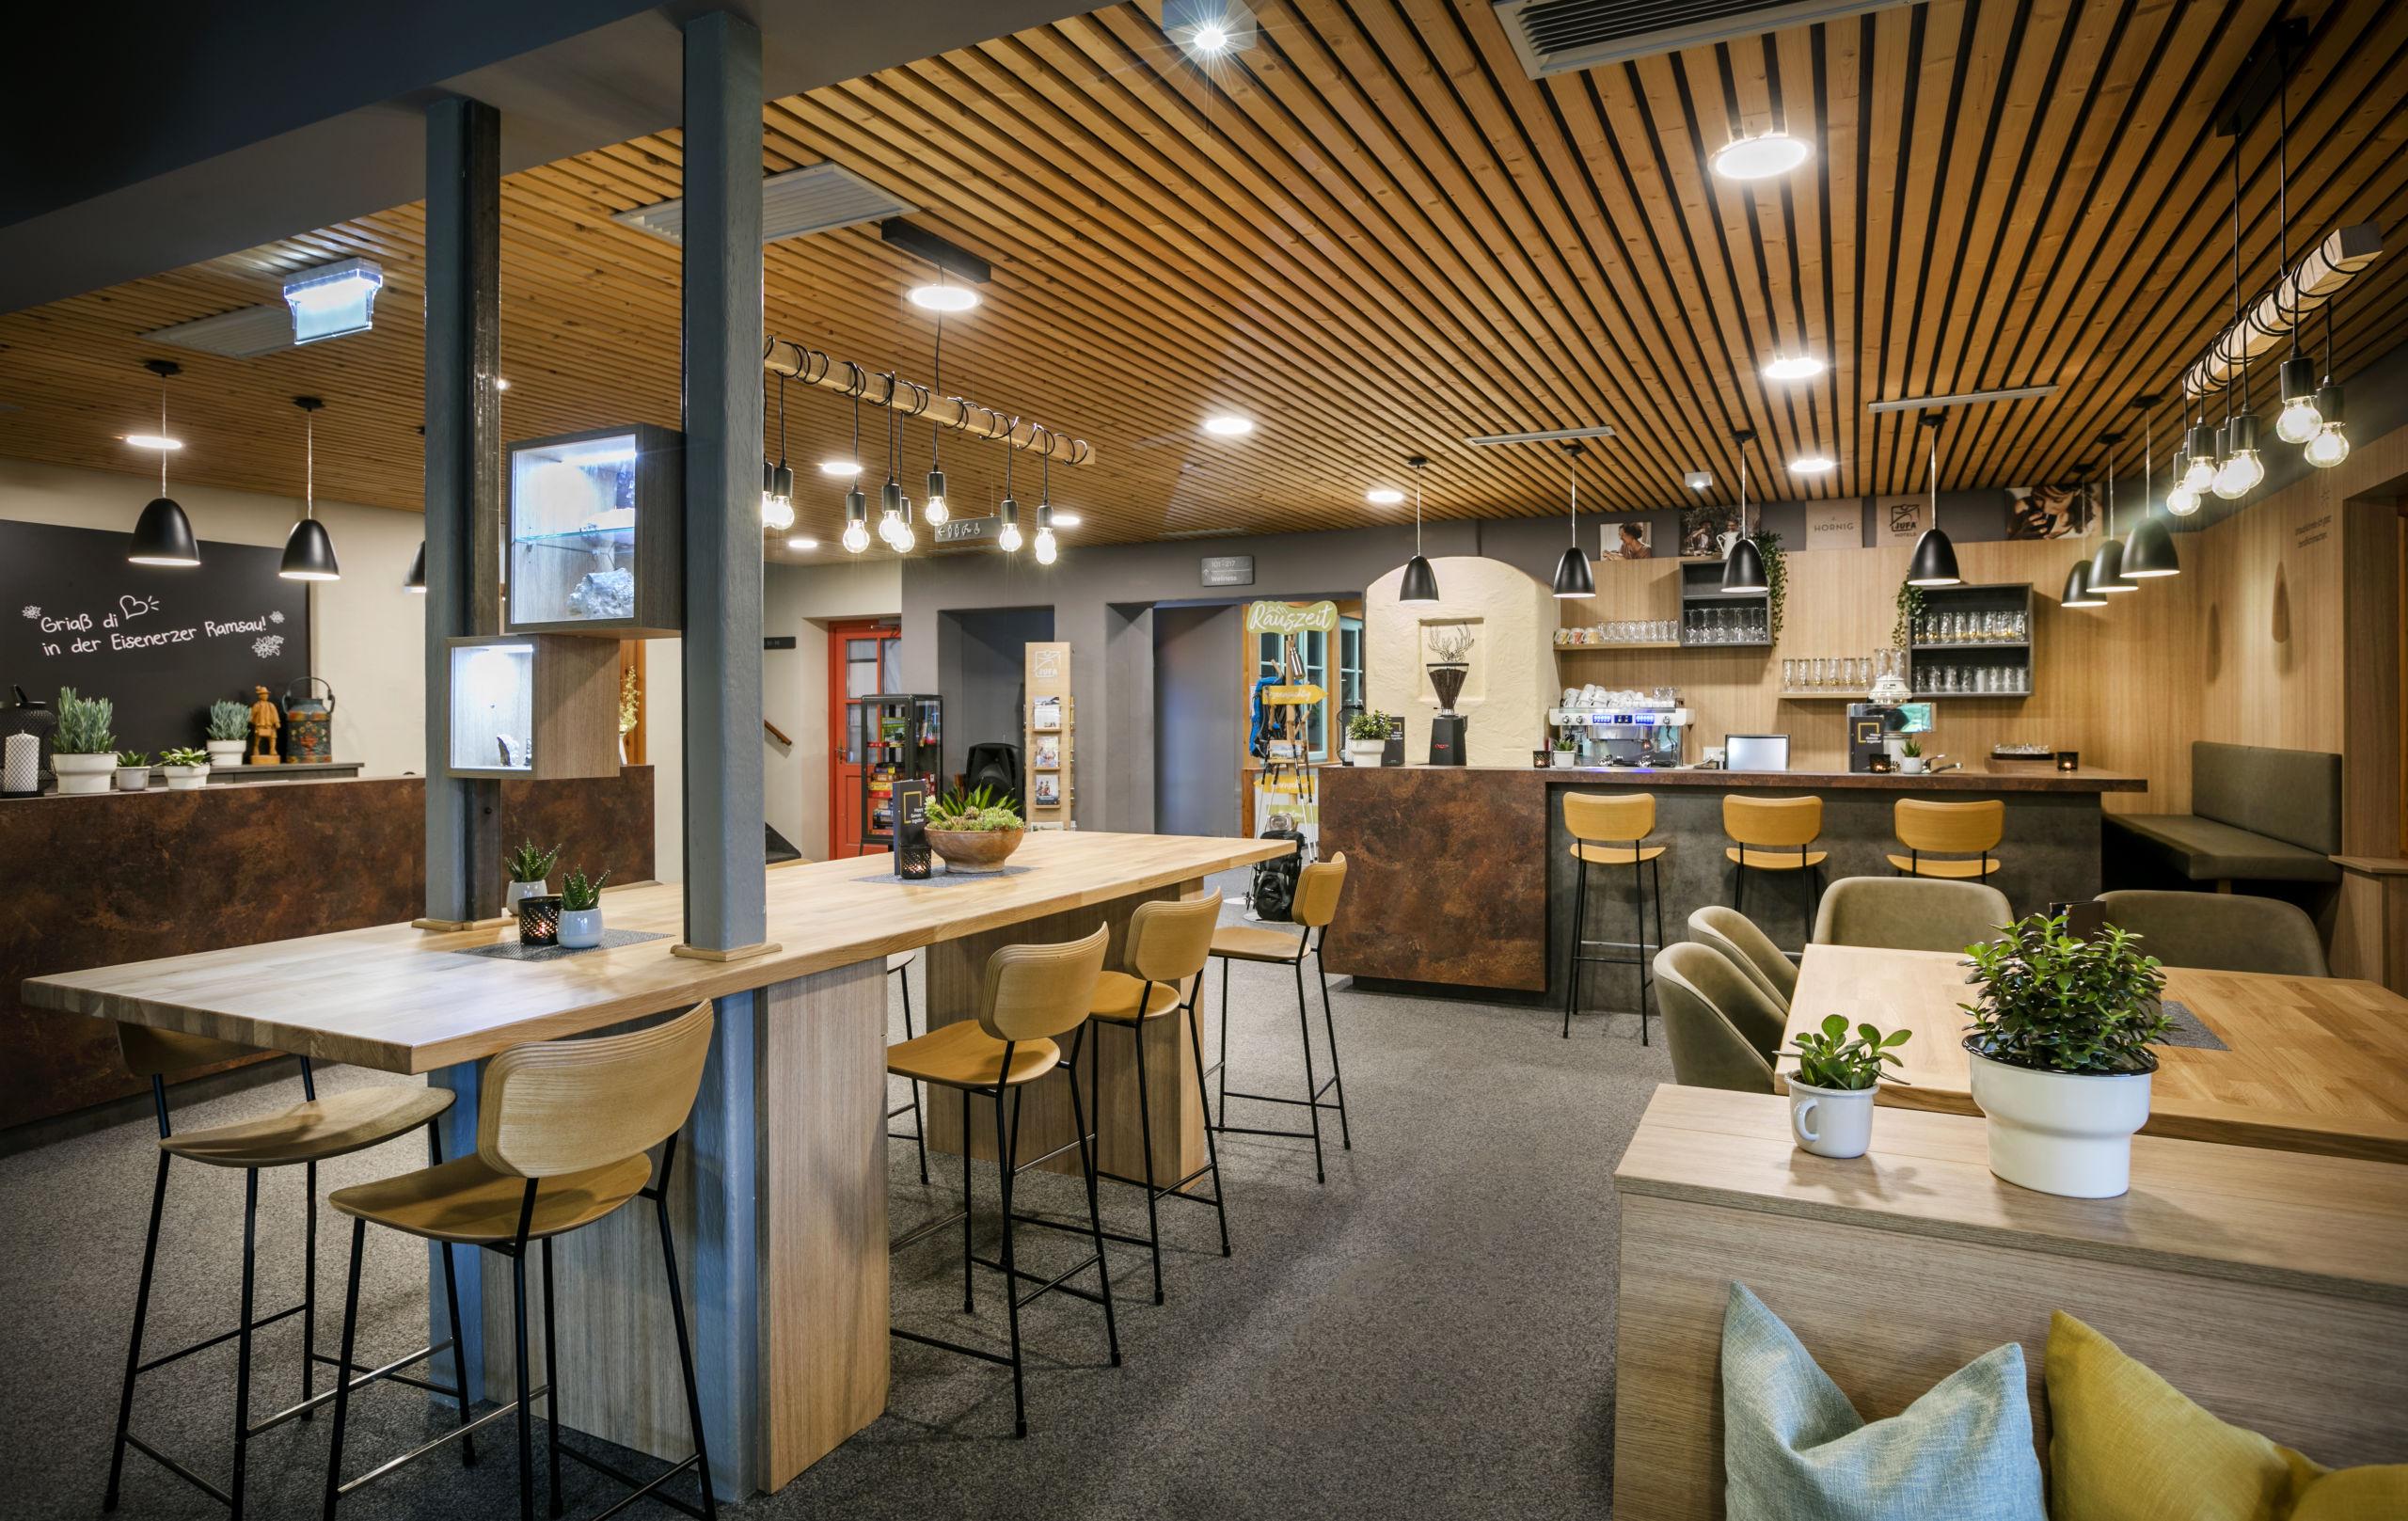 Sie sehen das Café des JUFA Hotels Eisenerz. Der Ort für erholsamen Familienurlaub und einen unvergesslichen Winter- und Wanderurlaub.